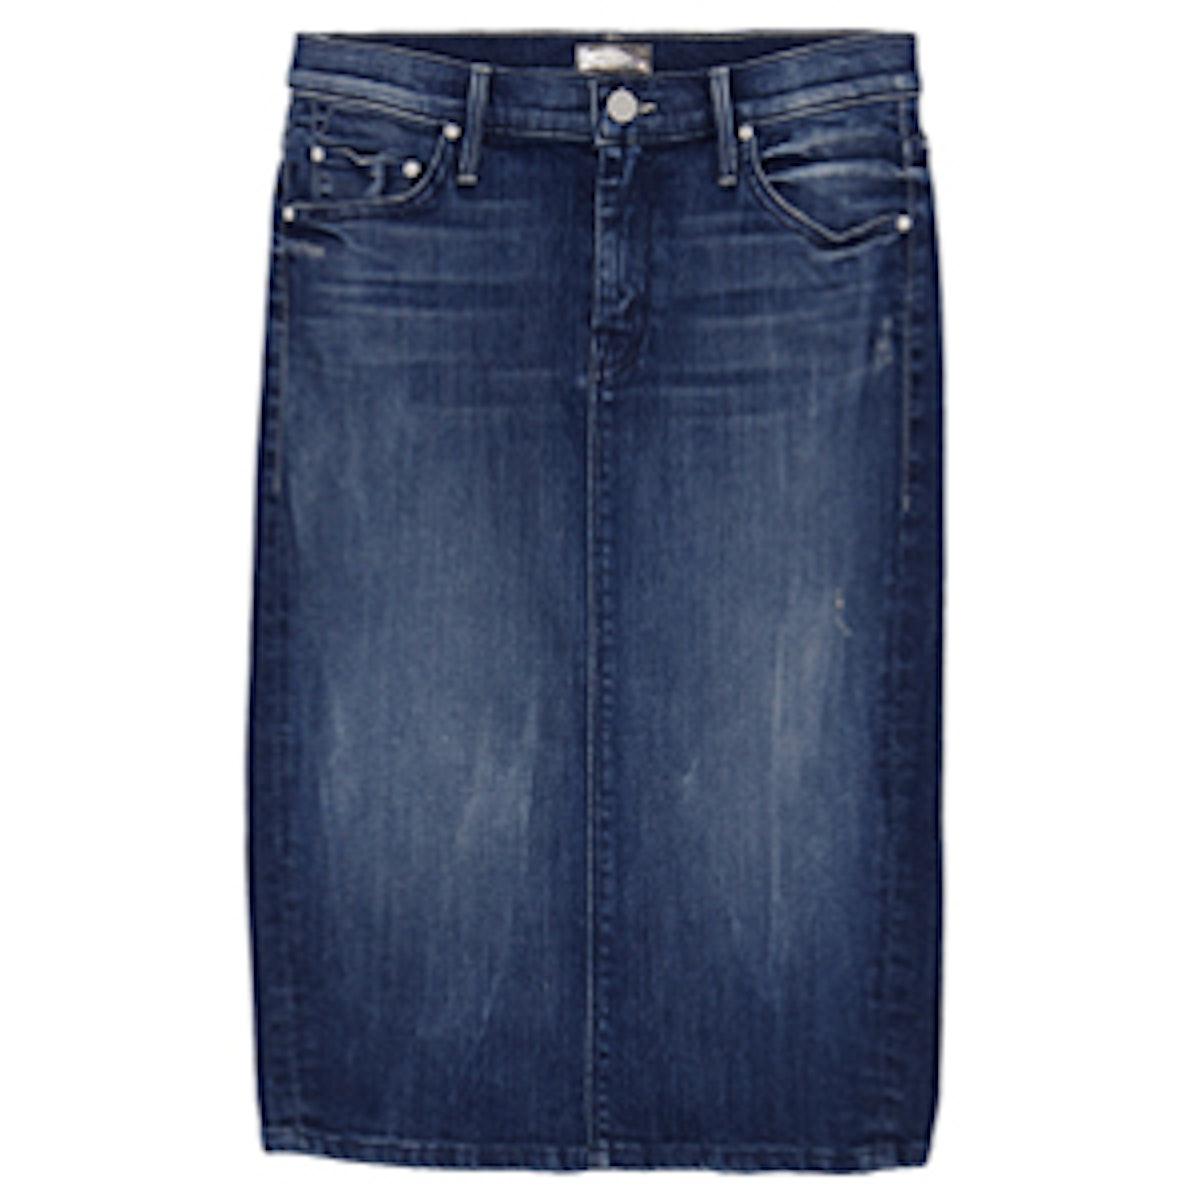 The Peg Slit Skirt